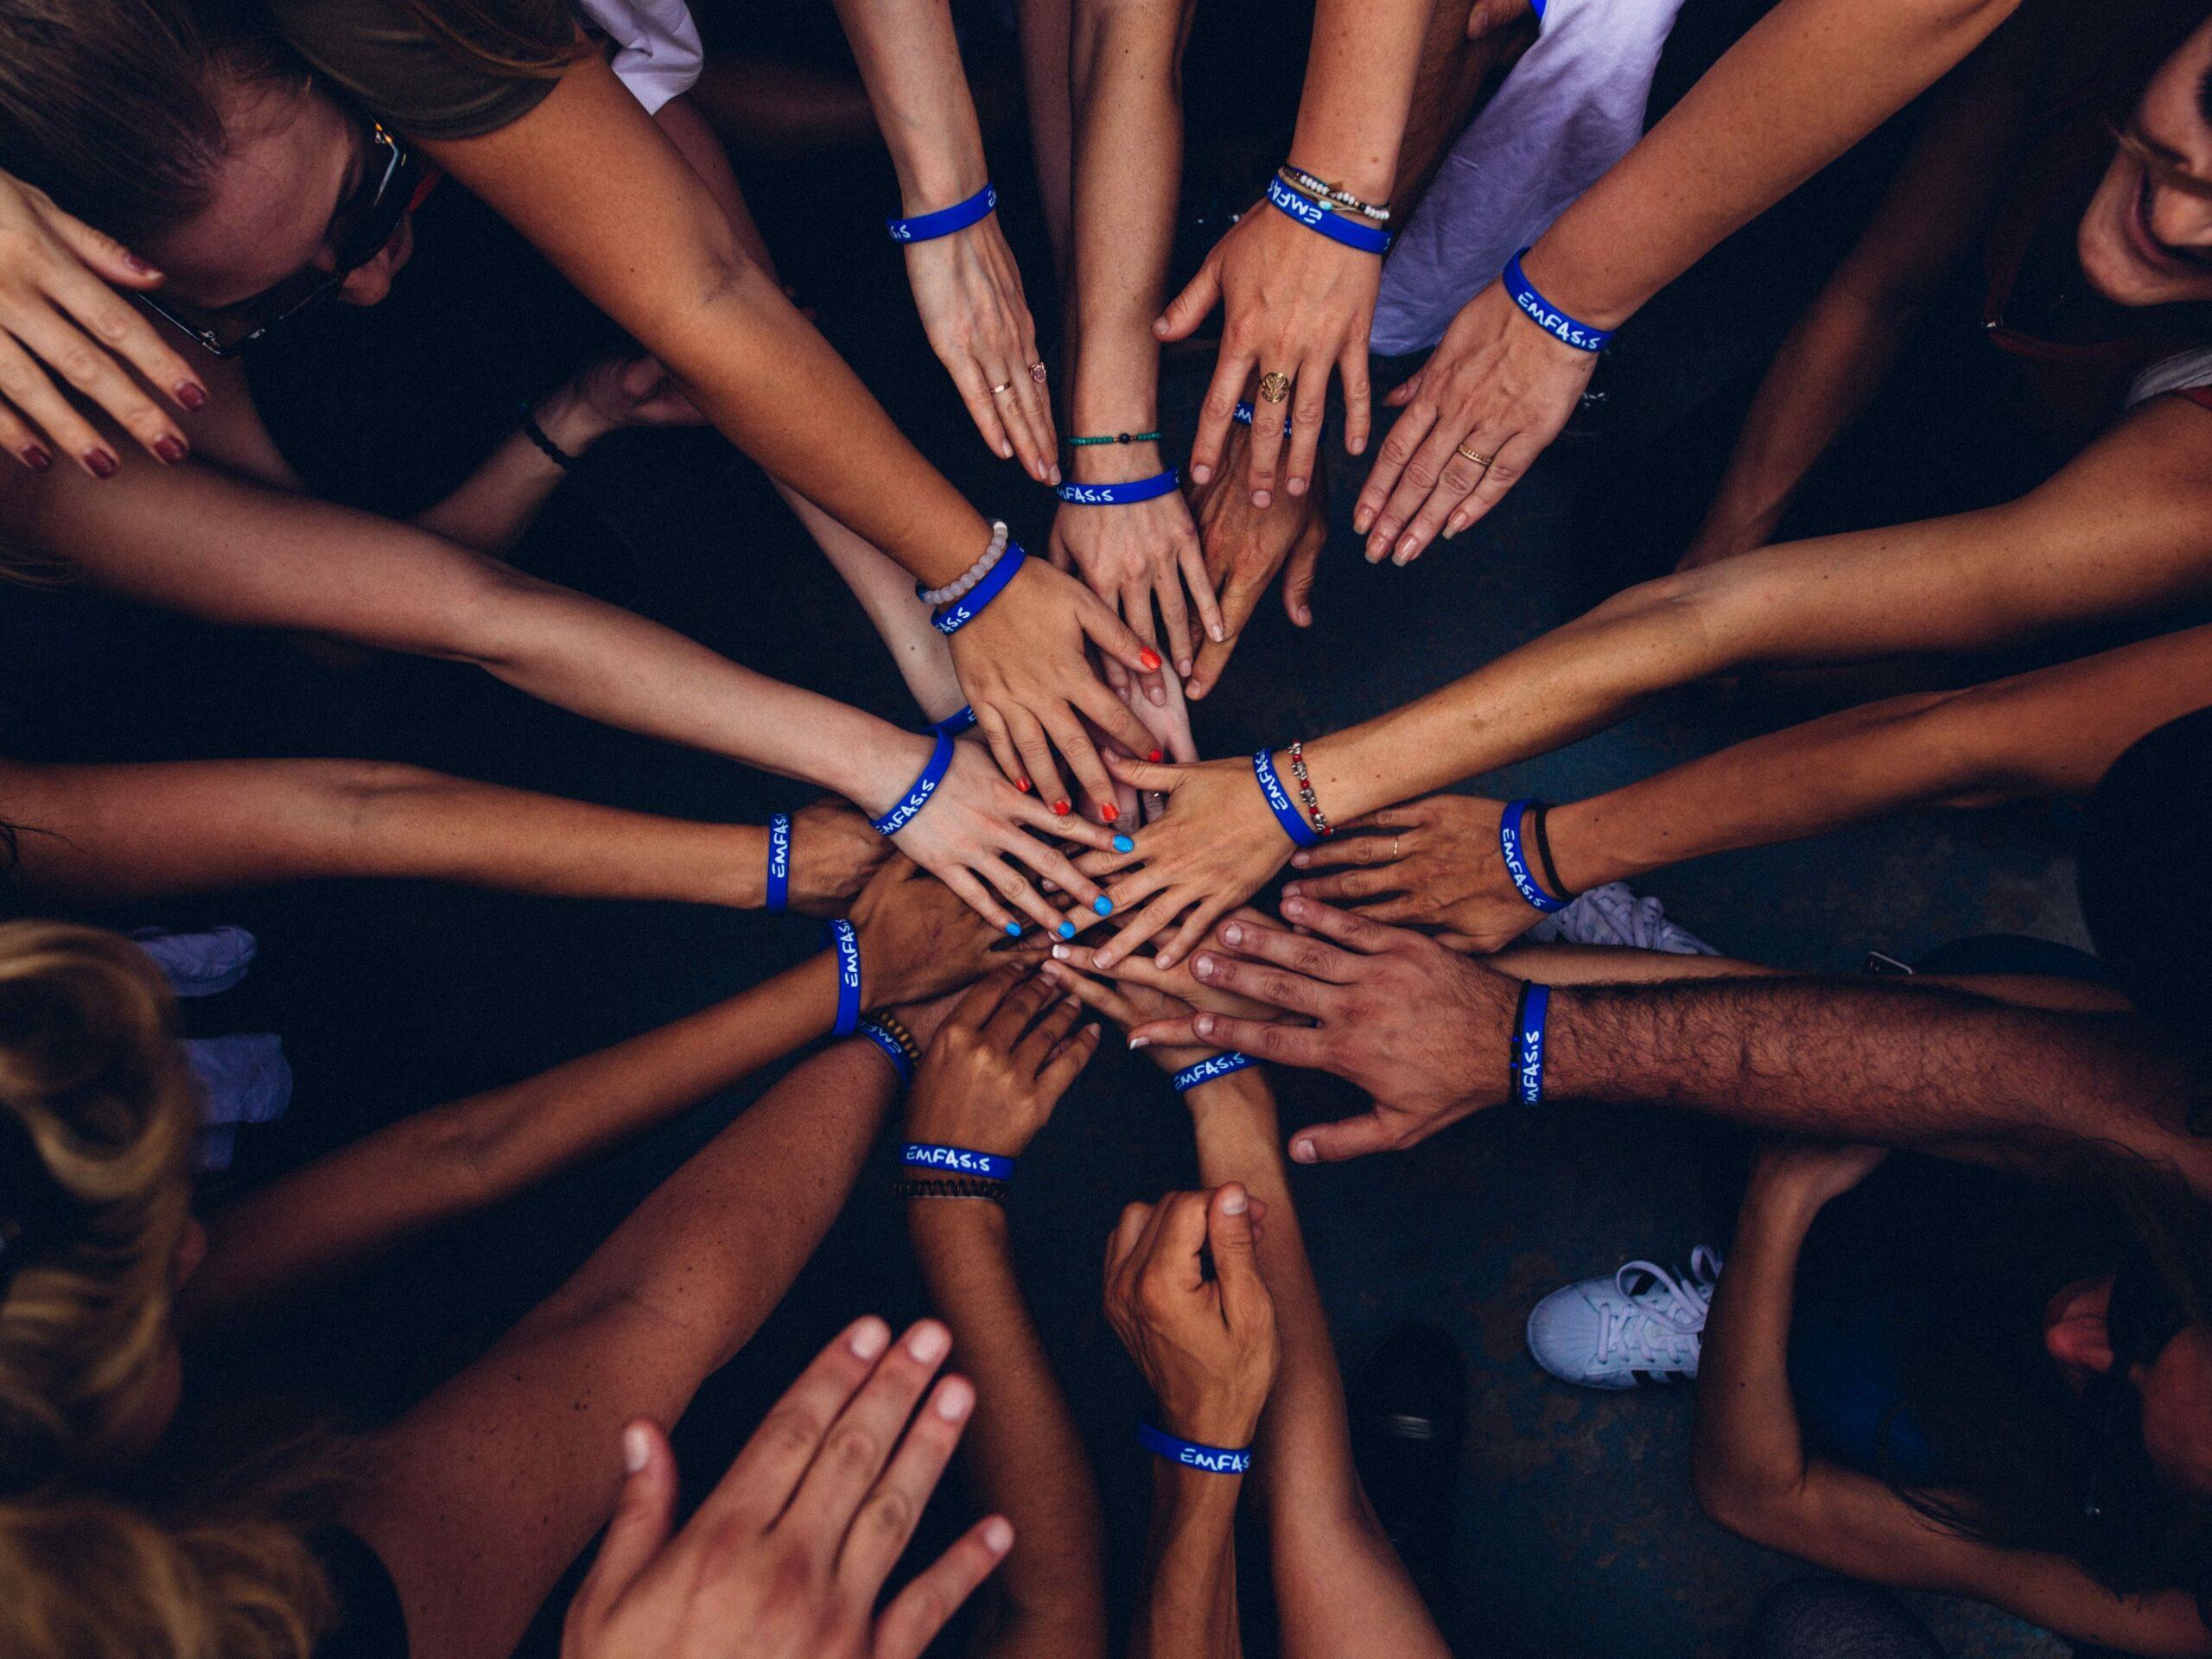 Confinement et engagement en Service Civique à l'étranger : des volontaires aux fortes valeurs d'engagement